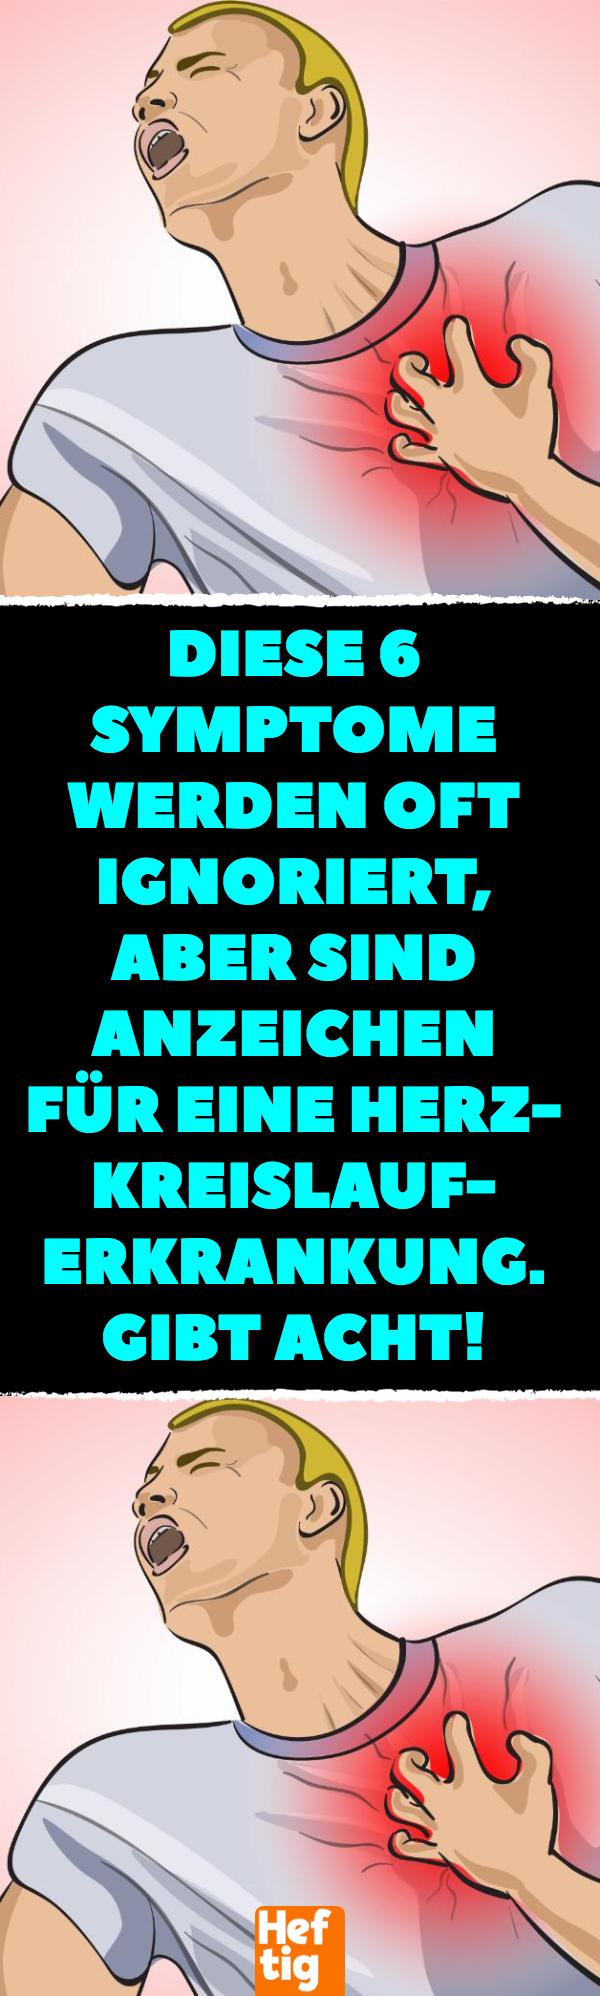 Diese 6 Symptome werden oft ignoriert, aber sind Anzeichen..